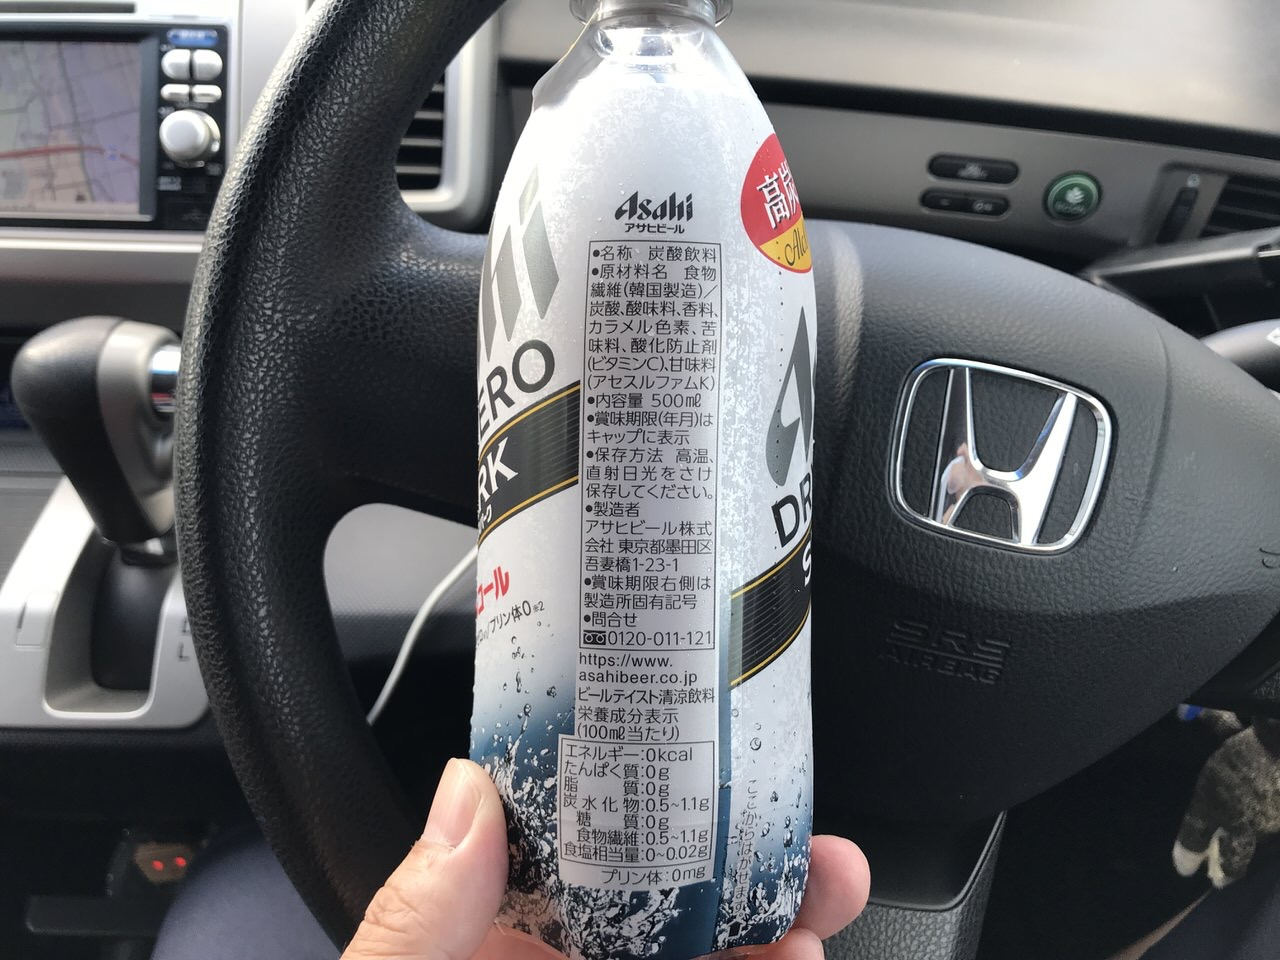 ペットボトルで高炭酸のノンアルビール「ドライゼロ スパーク」飲んでみた